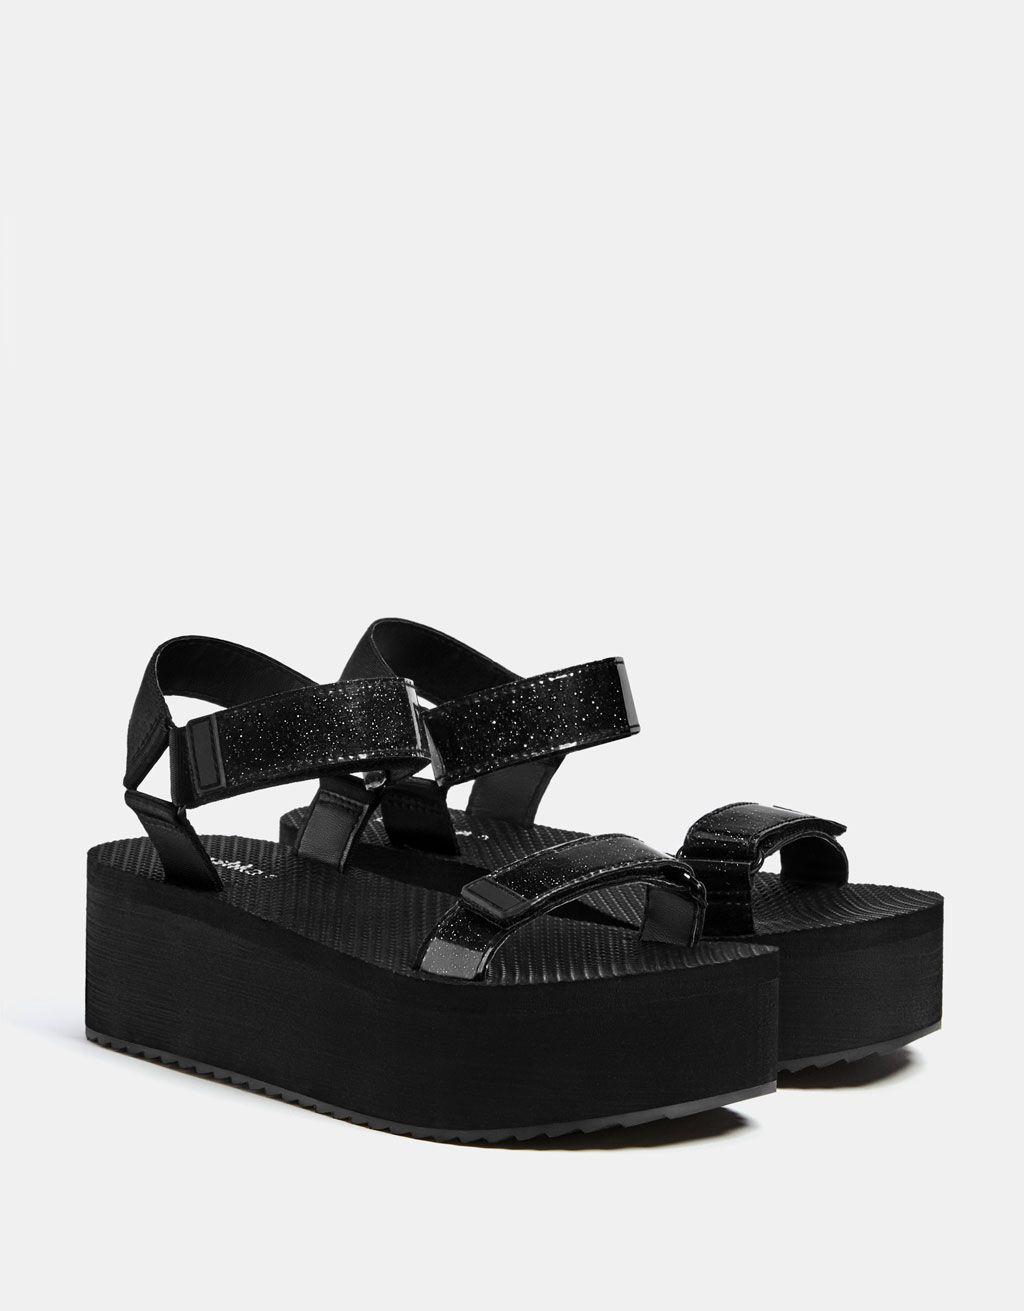 f661a52d3e Funkčné sandále na platforme. Objavte tieto a veľa ďalších položiek značky  Bershka s novými produktami každý týždeň